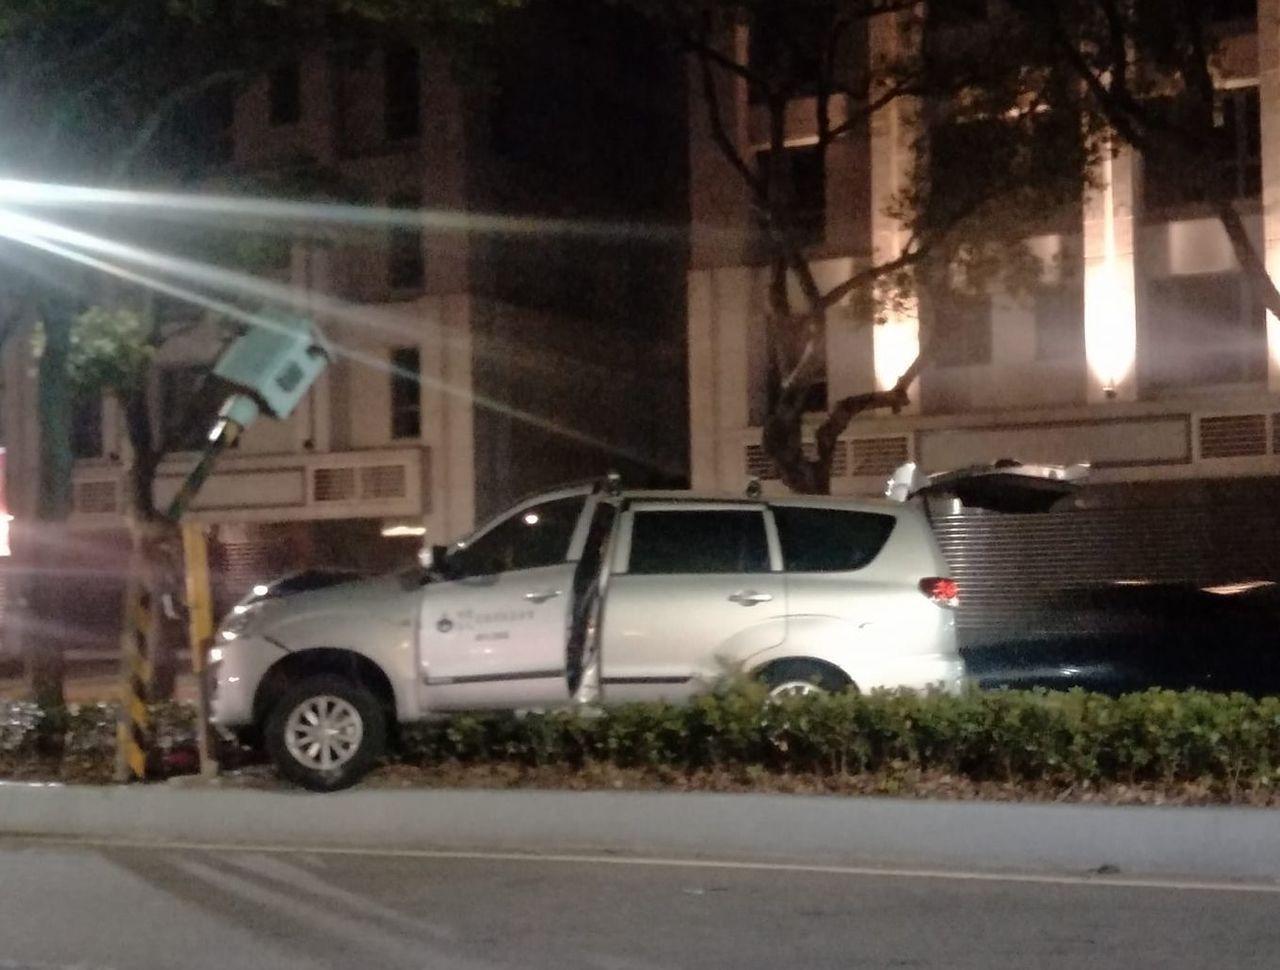 林口區仁愛路2段有1支固定式測速照相機,昨晚被人開車撞壞,網友的反應令人噴飯。圖...